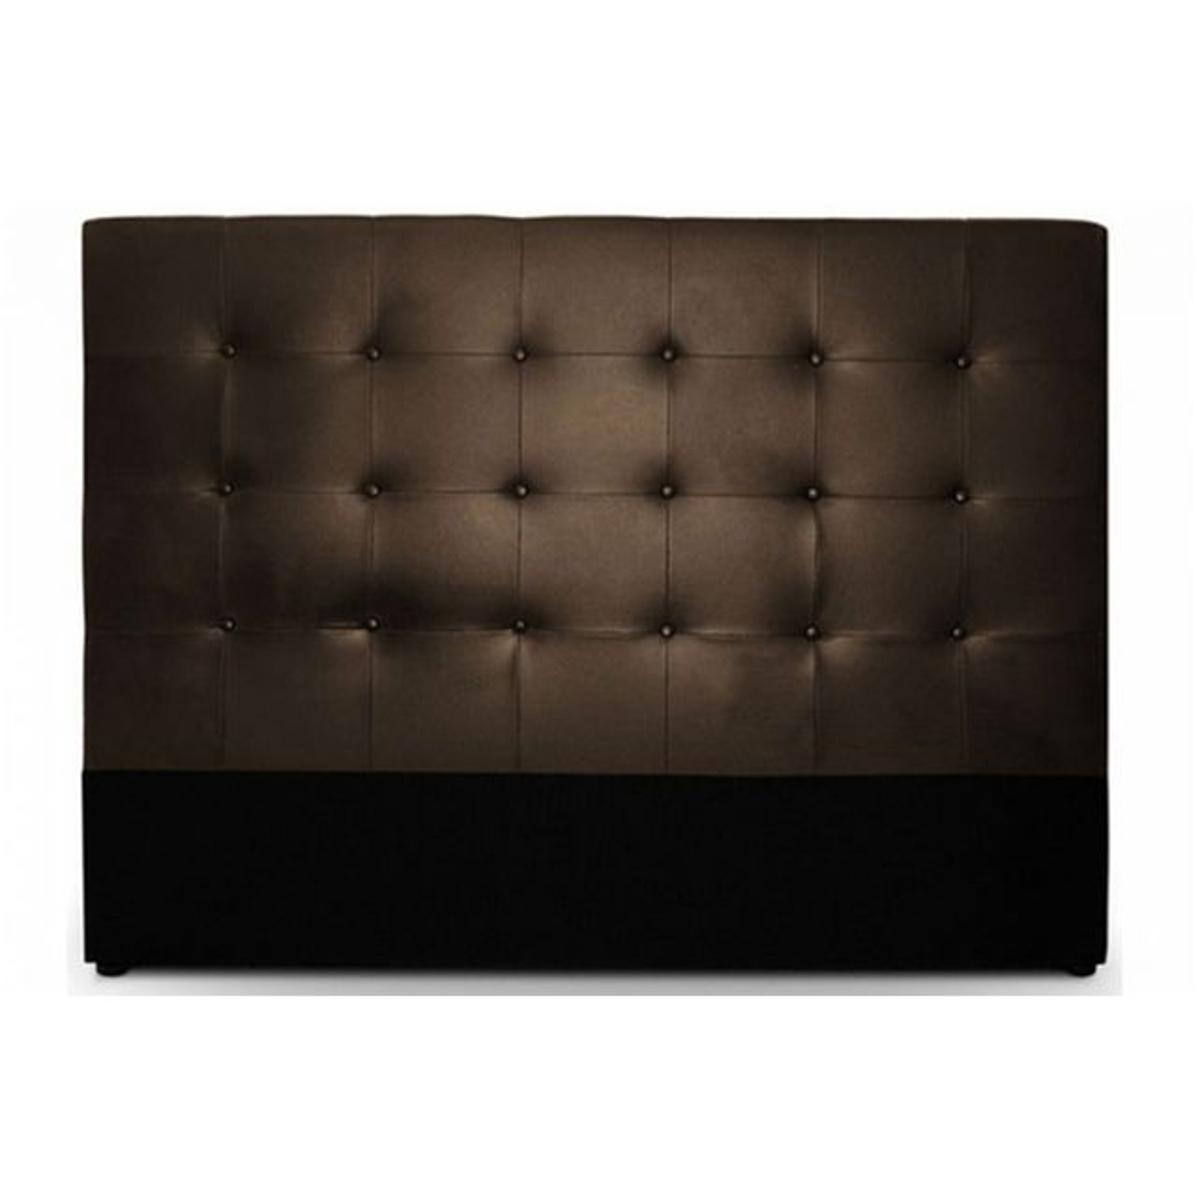 t te de lit capitonn e 140 cm cocoon blanche vendu par rueducommerce 405871. Black Bedroom Furniture Sets. Home Design Ideas